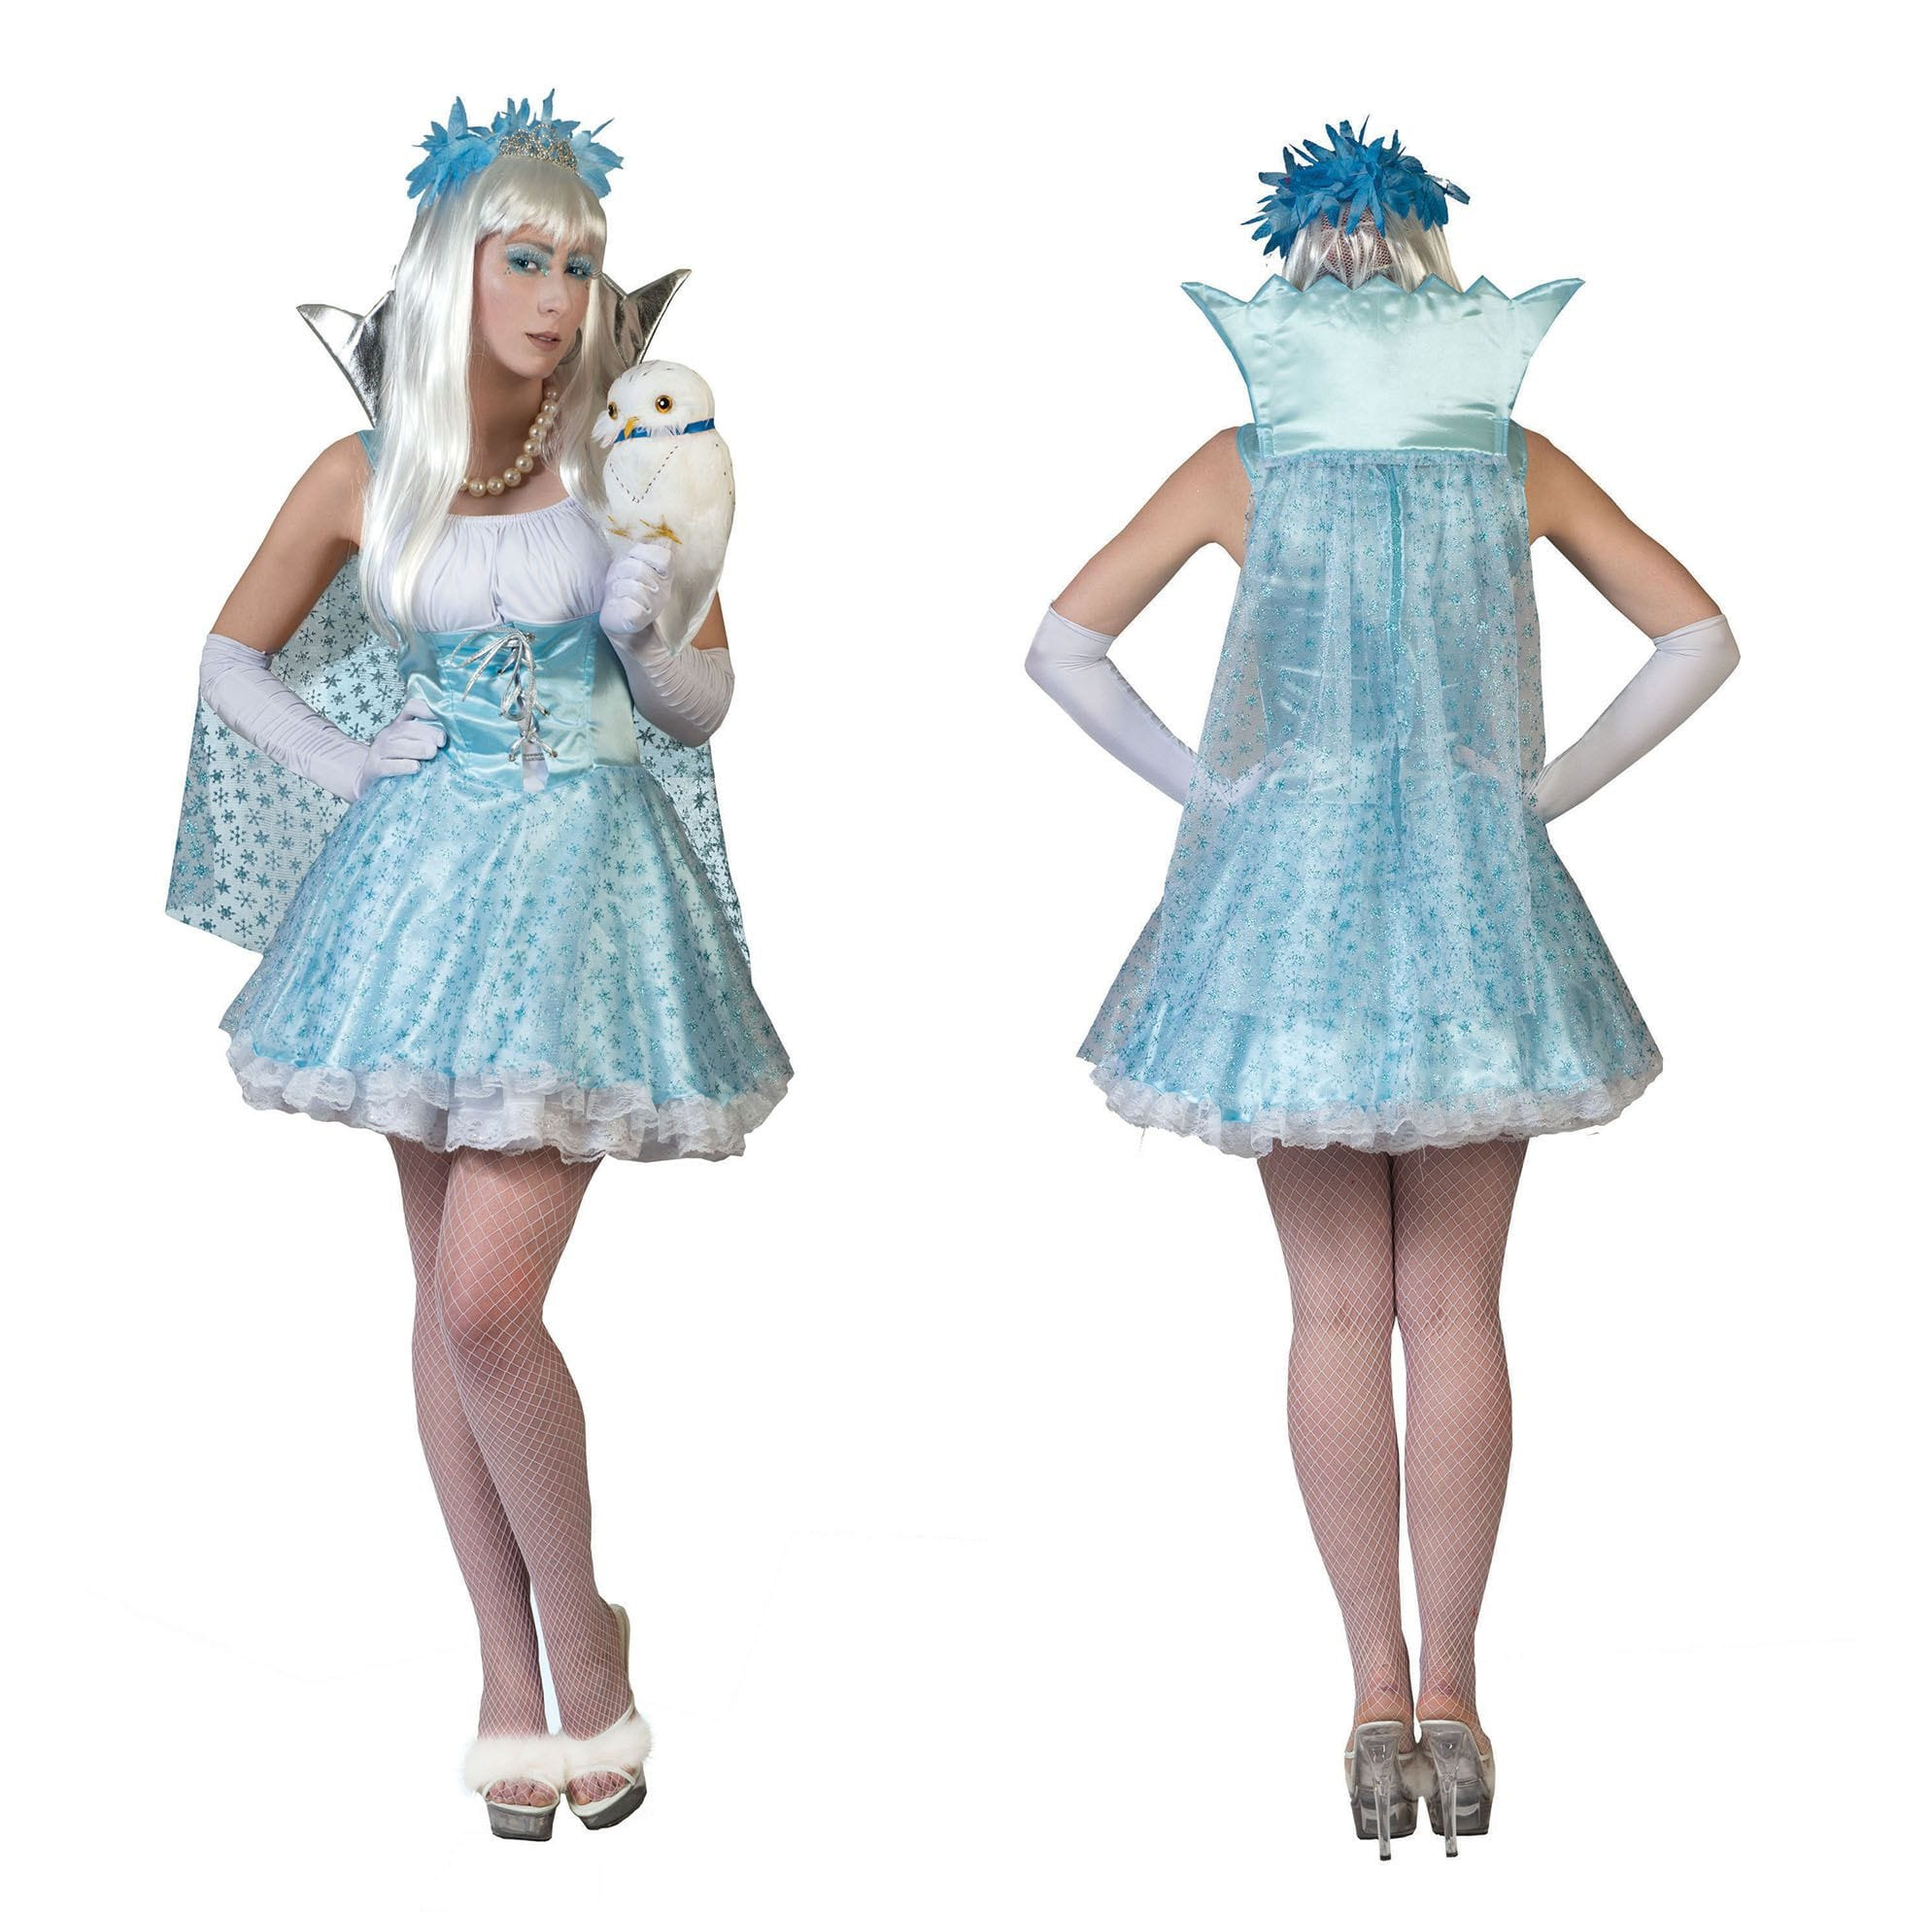 Alicia Uit De Toverwereld Vrouw Kostuum